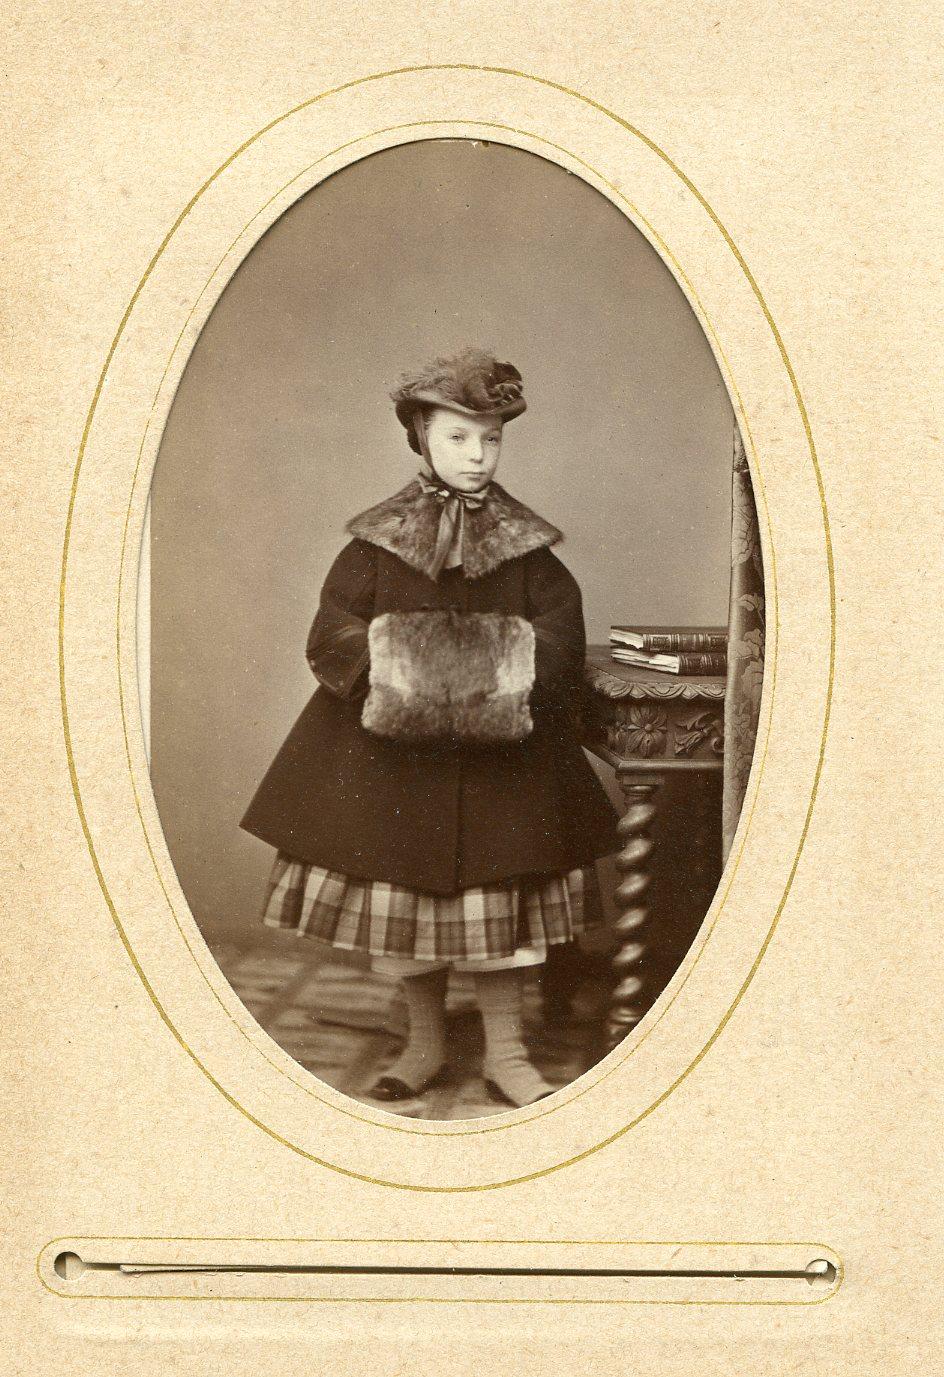 Johanne Hedemanns Album billede nr. 30